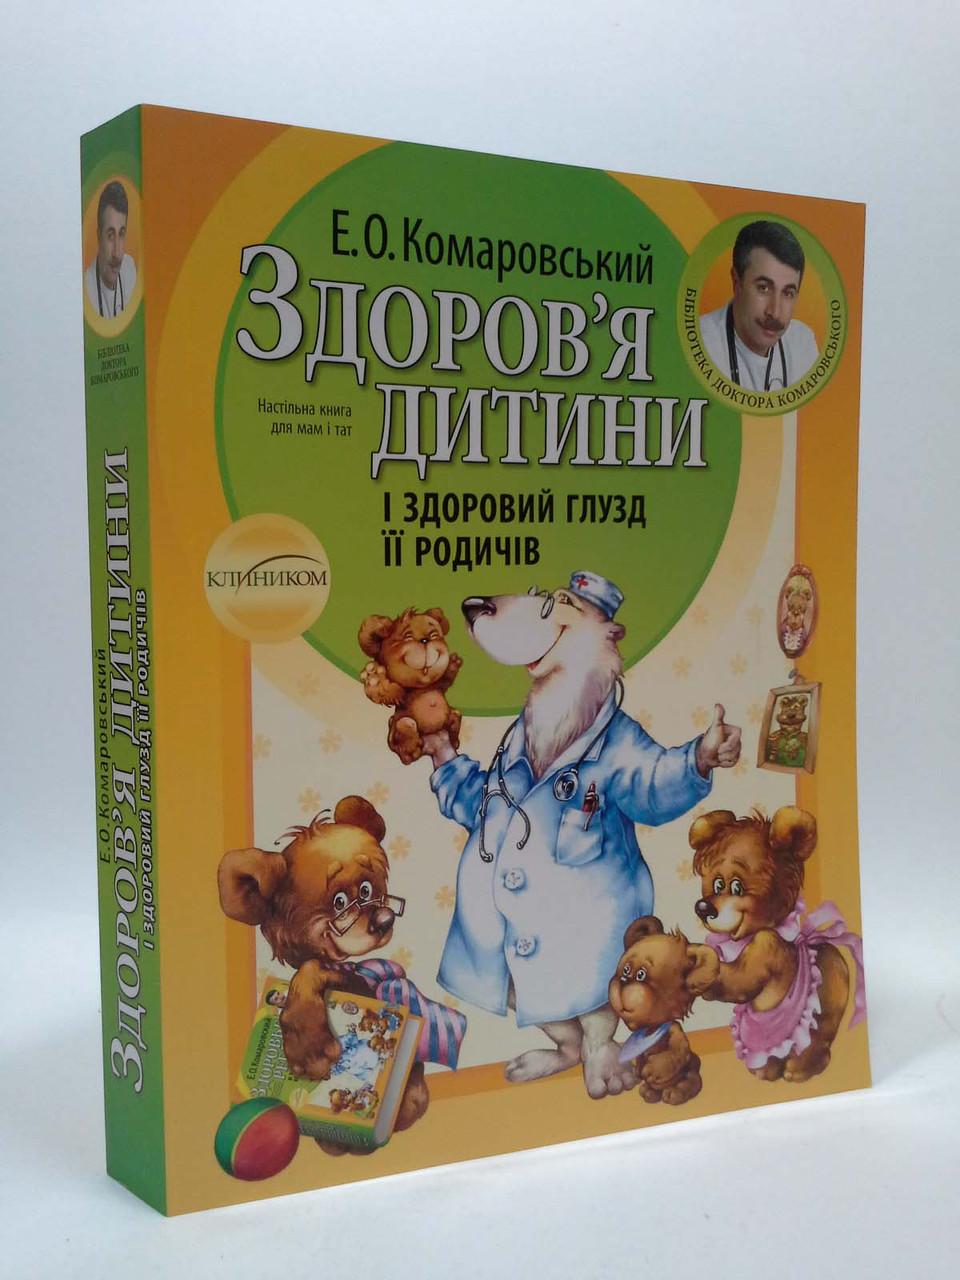 Мама Комаровский (мяг) Здоровя дитини і здоровий глузд її родичів Комаровський